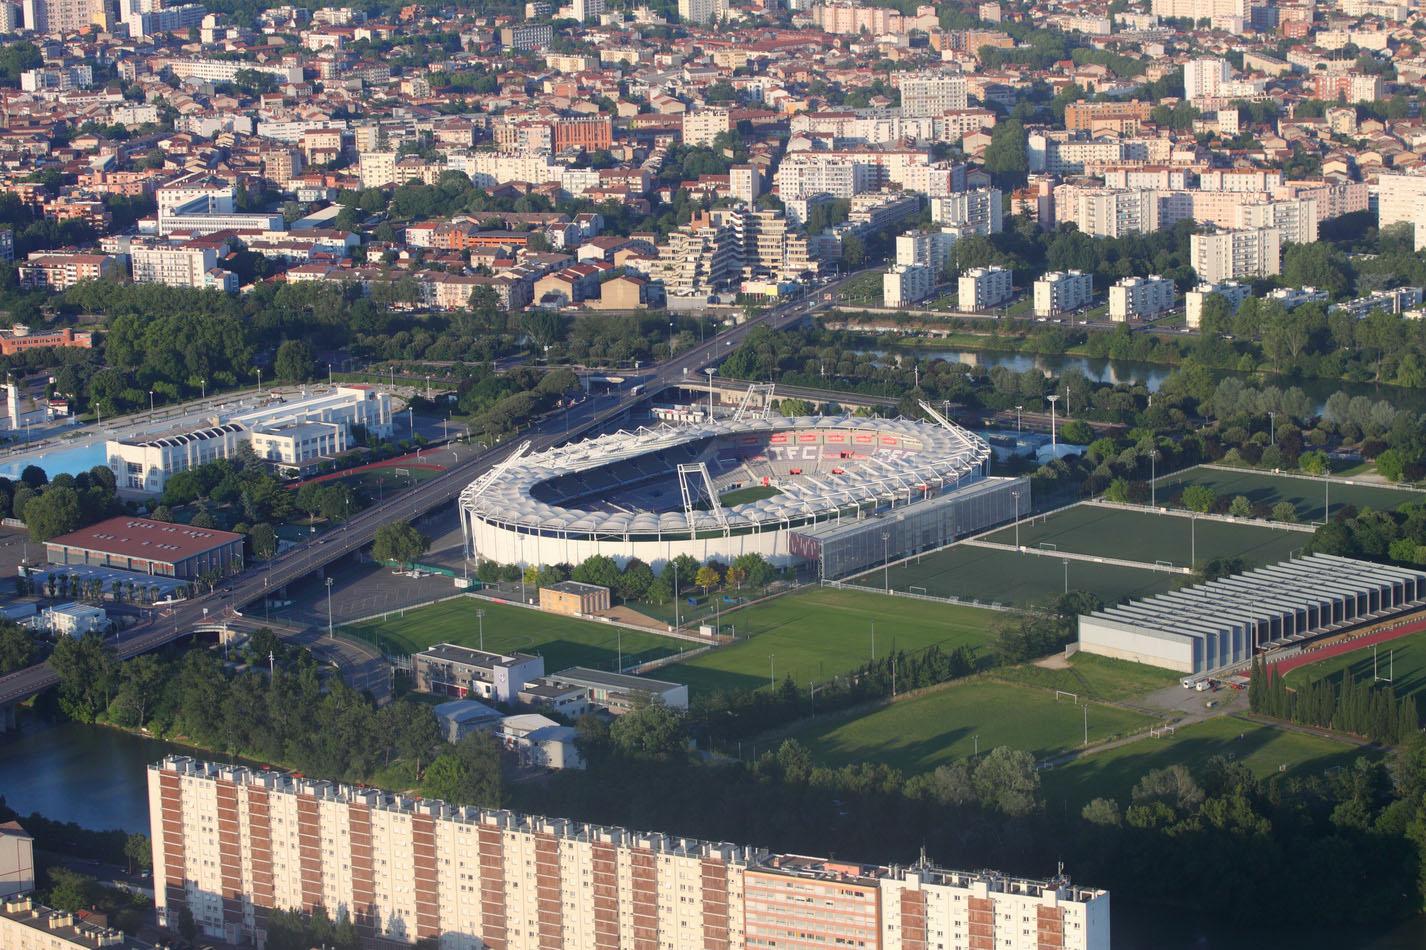 Муниципальный стадион Тулузы